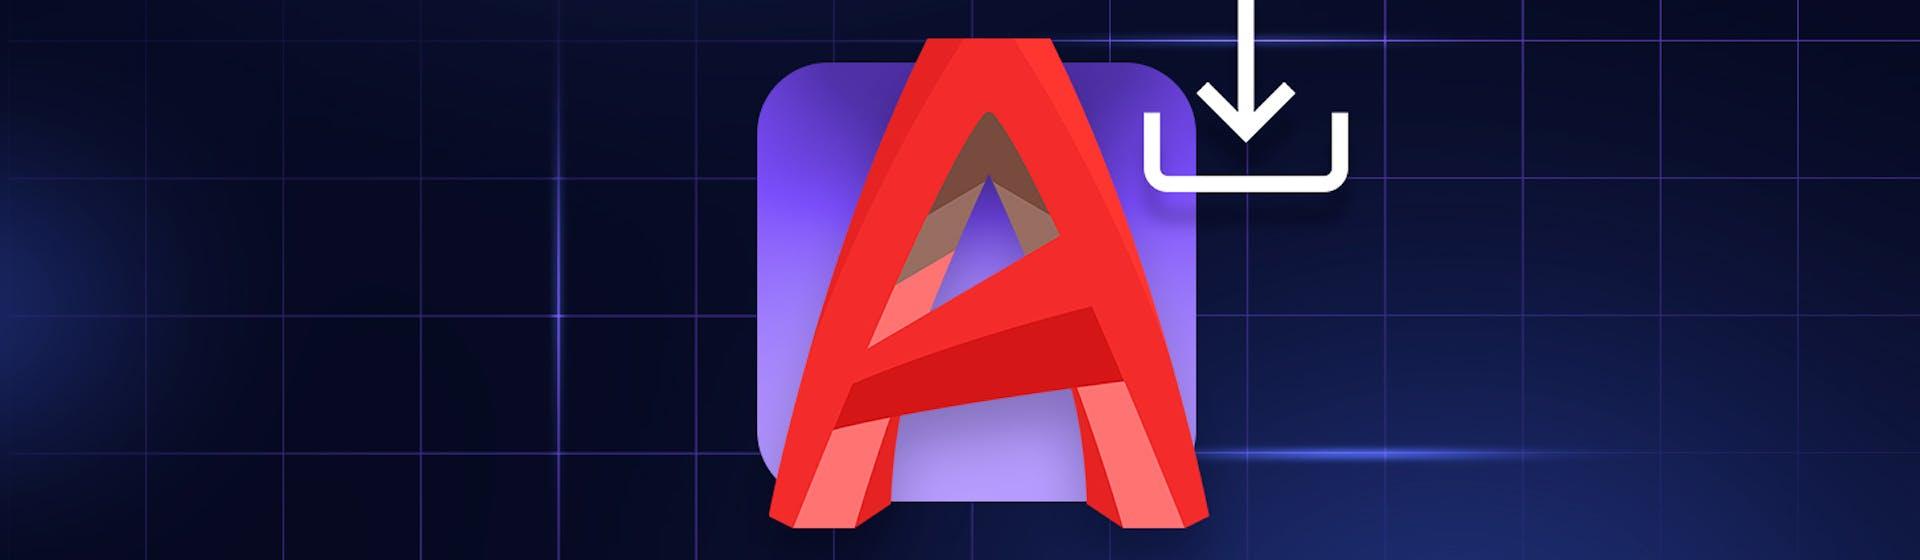 Descubre cómo descargar AutoCAD para estudiantes y empezar a dominar el mundo del diseño